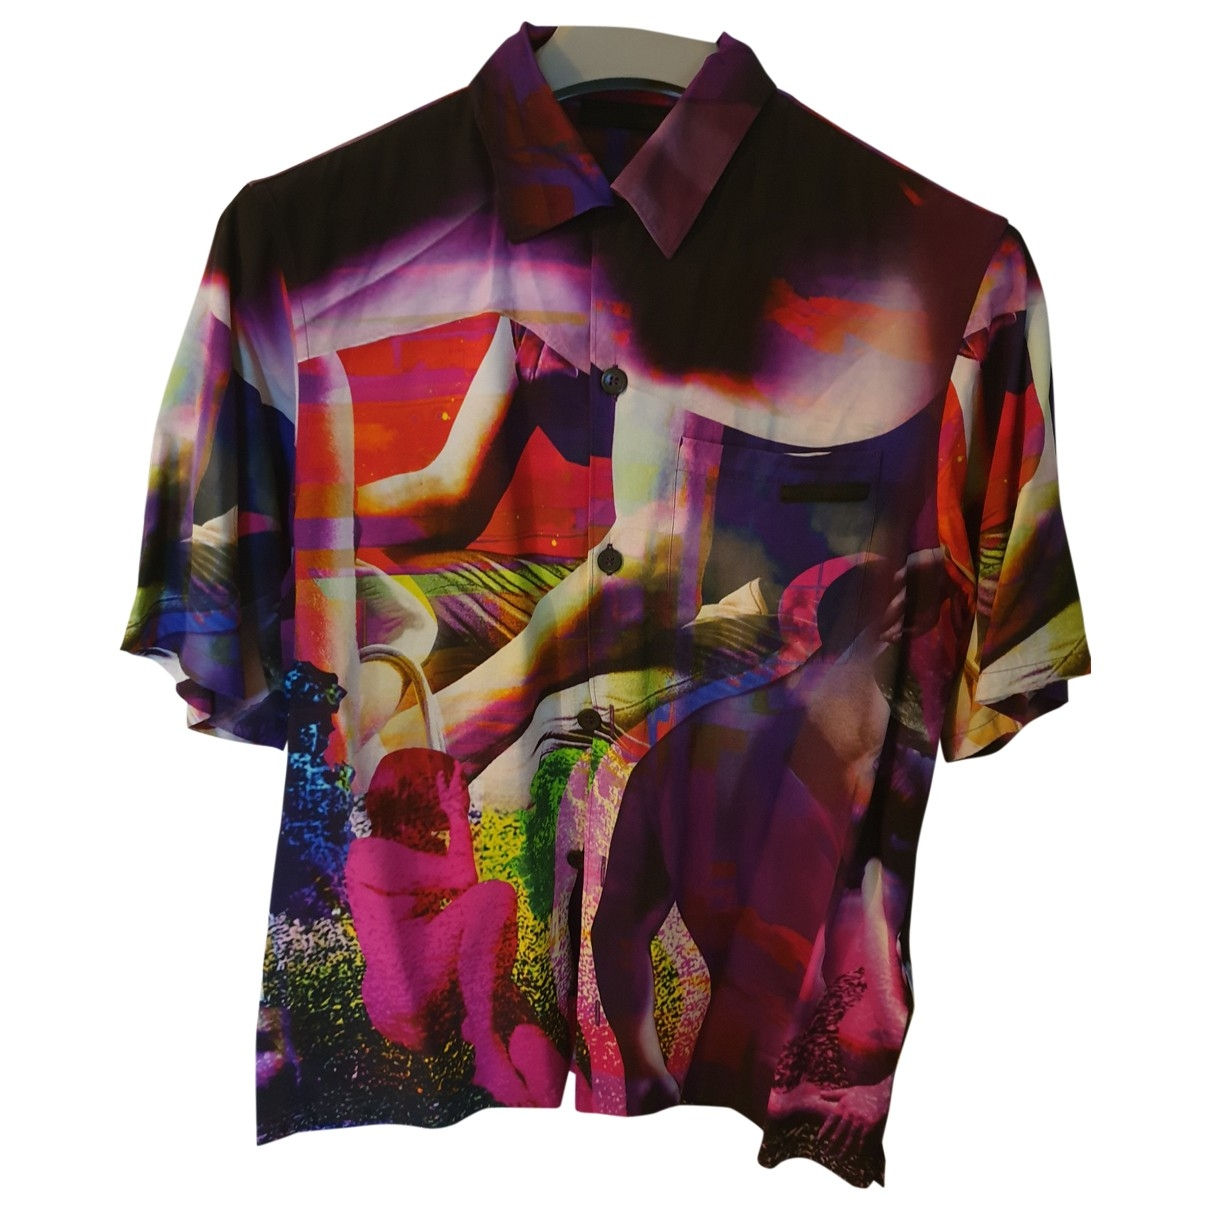 Prada - Chemises   pour homme - multicolore